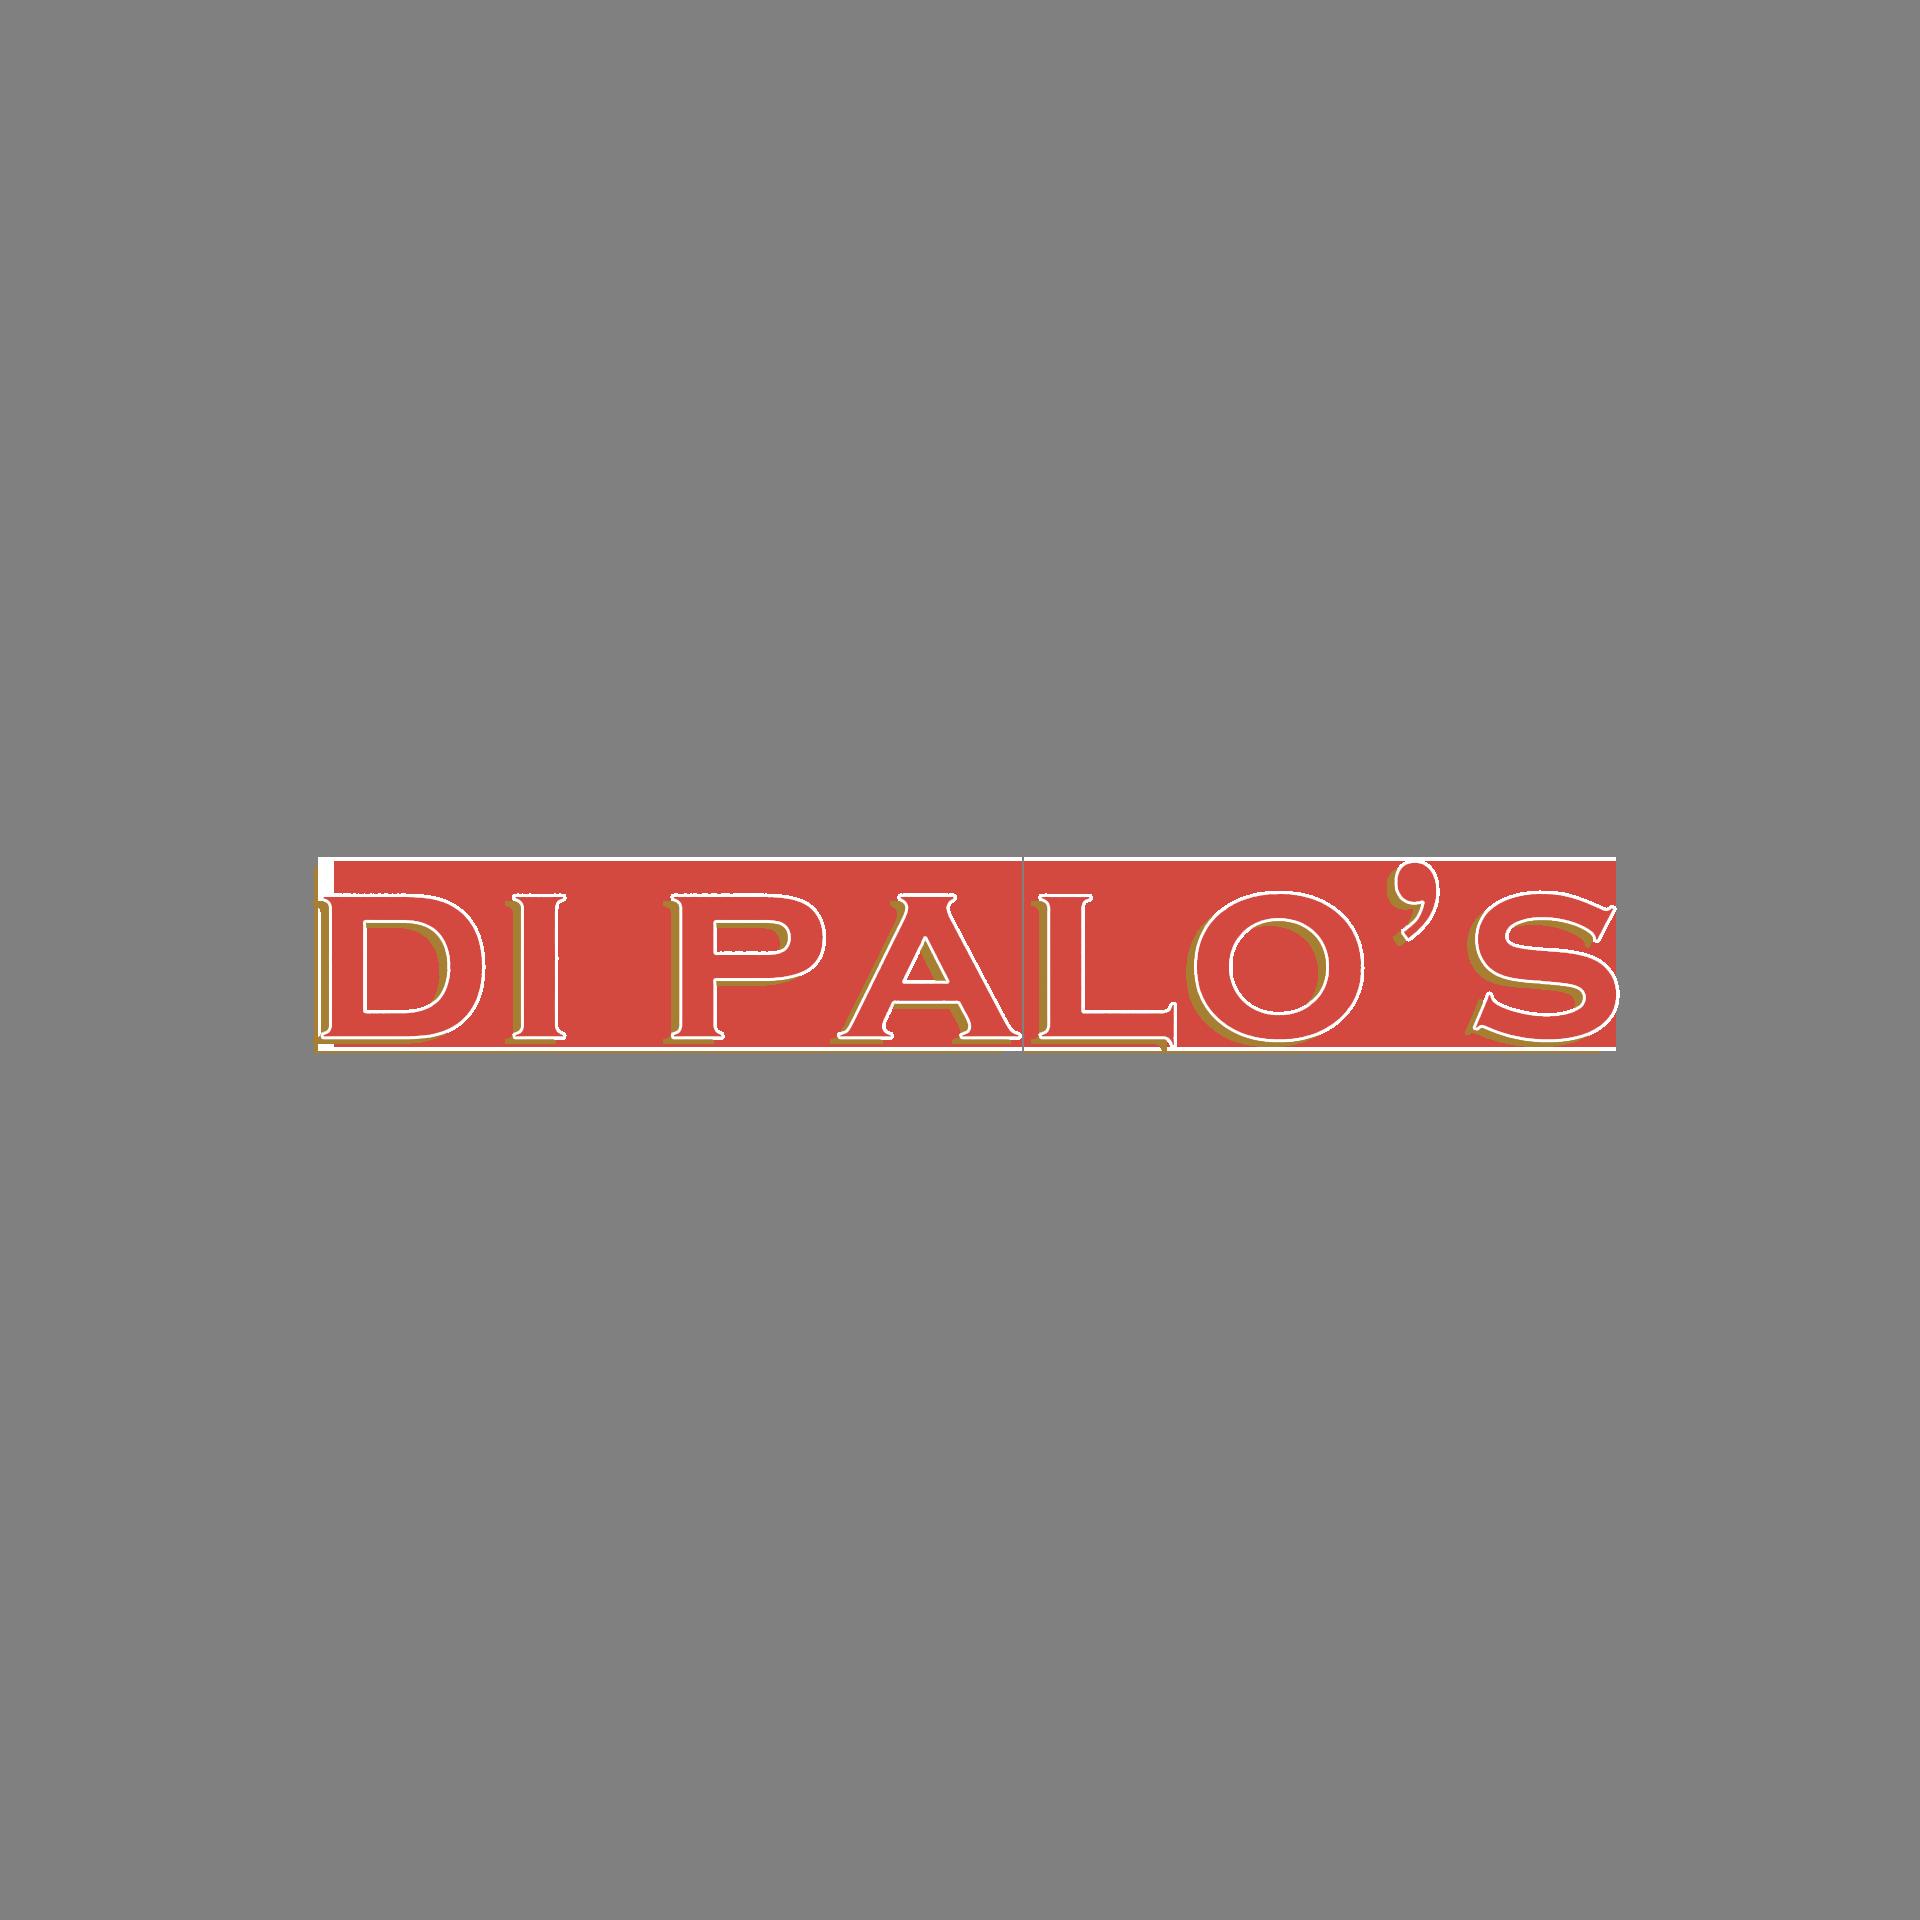 Dipalos.png